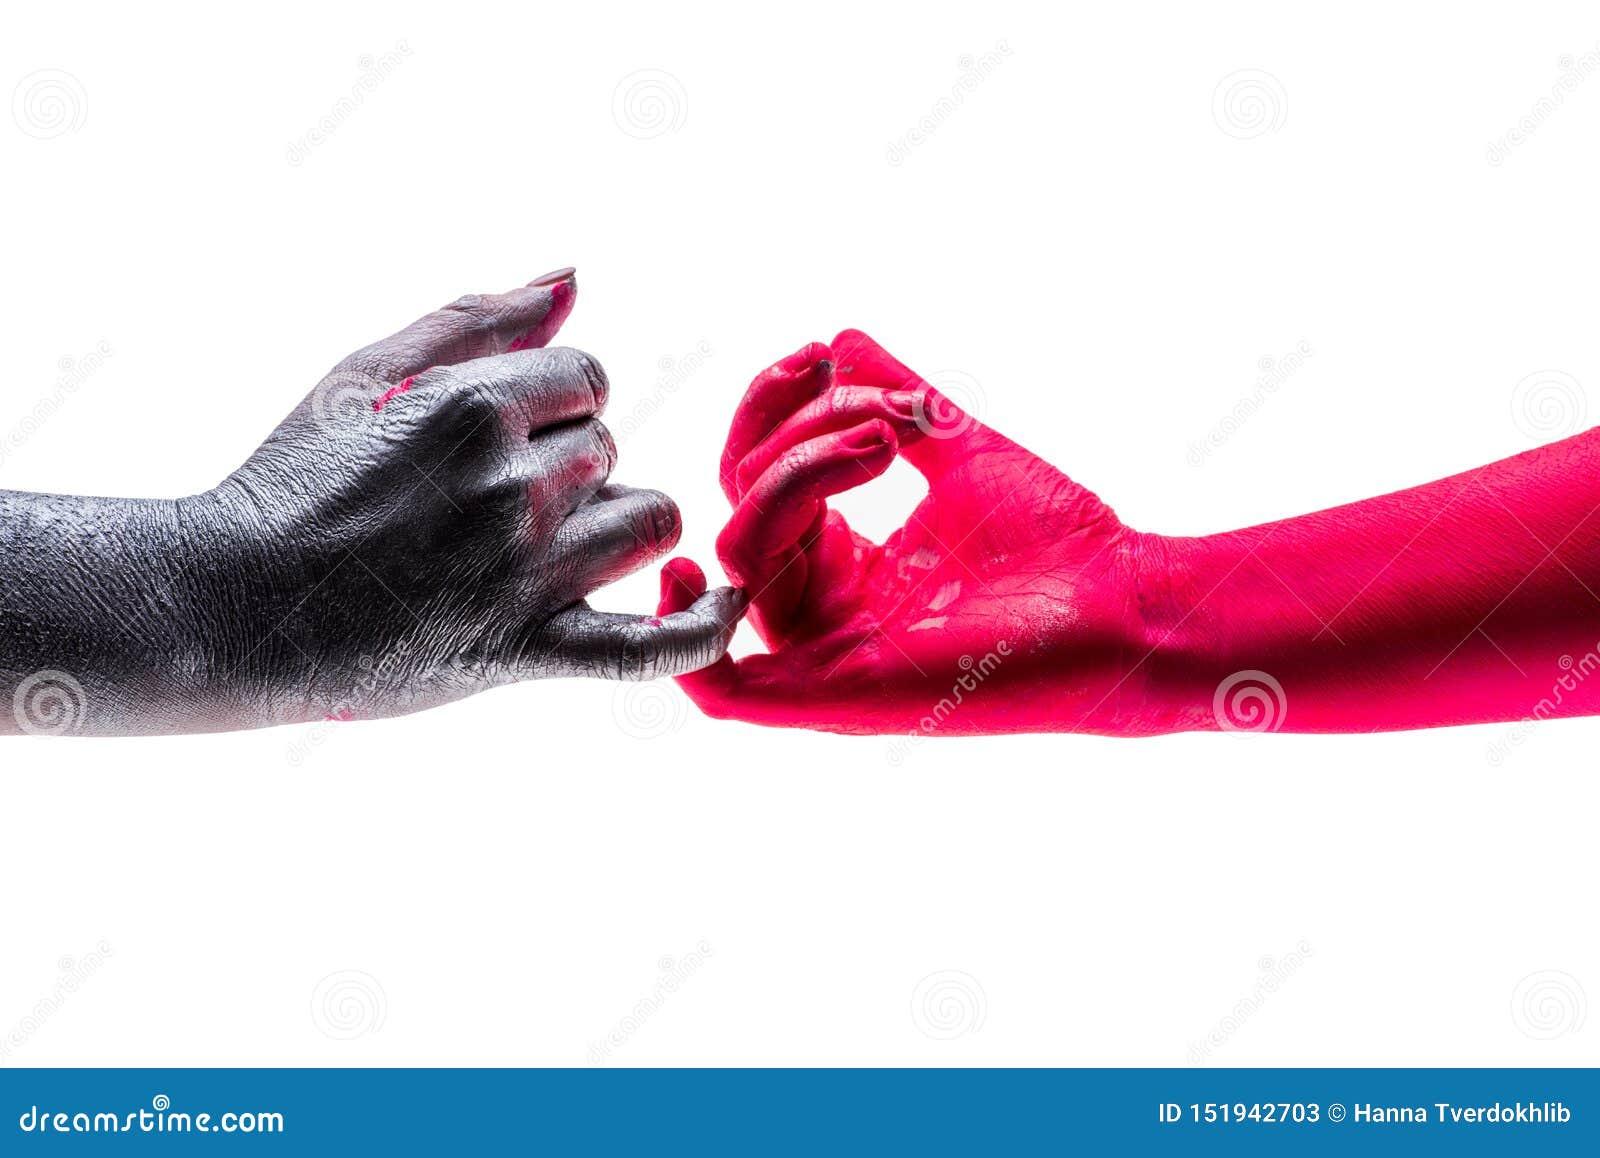 Två personer trycker på försiktigt varje - annat lillfingrar, händer som färgas i olika färger Begrepp av kriget och fred